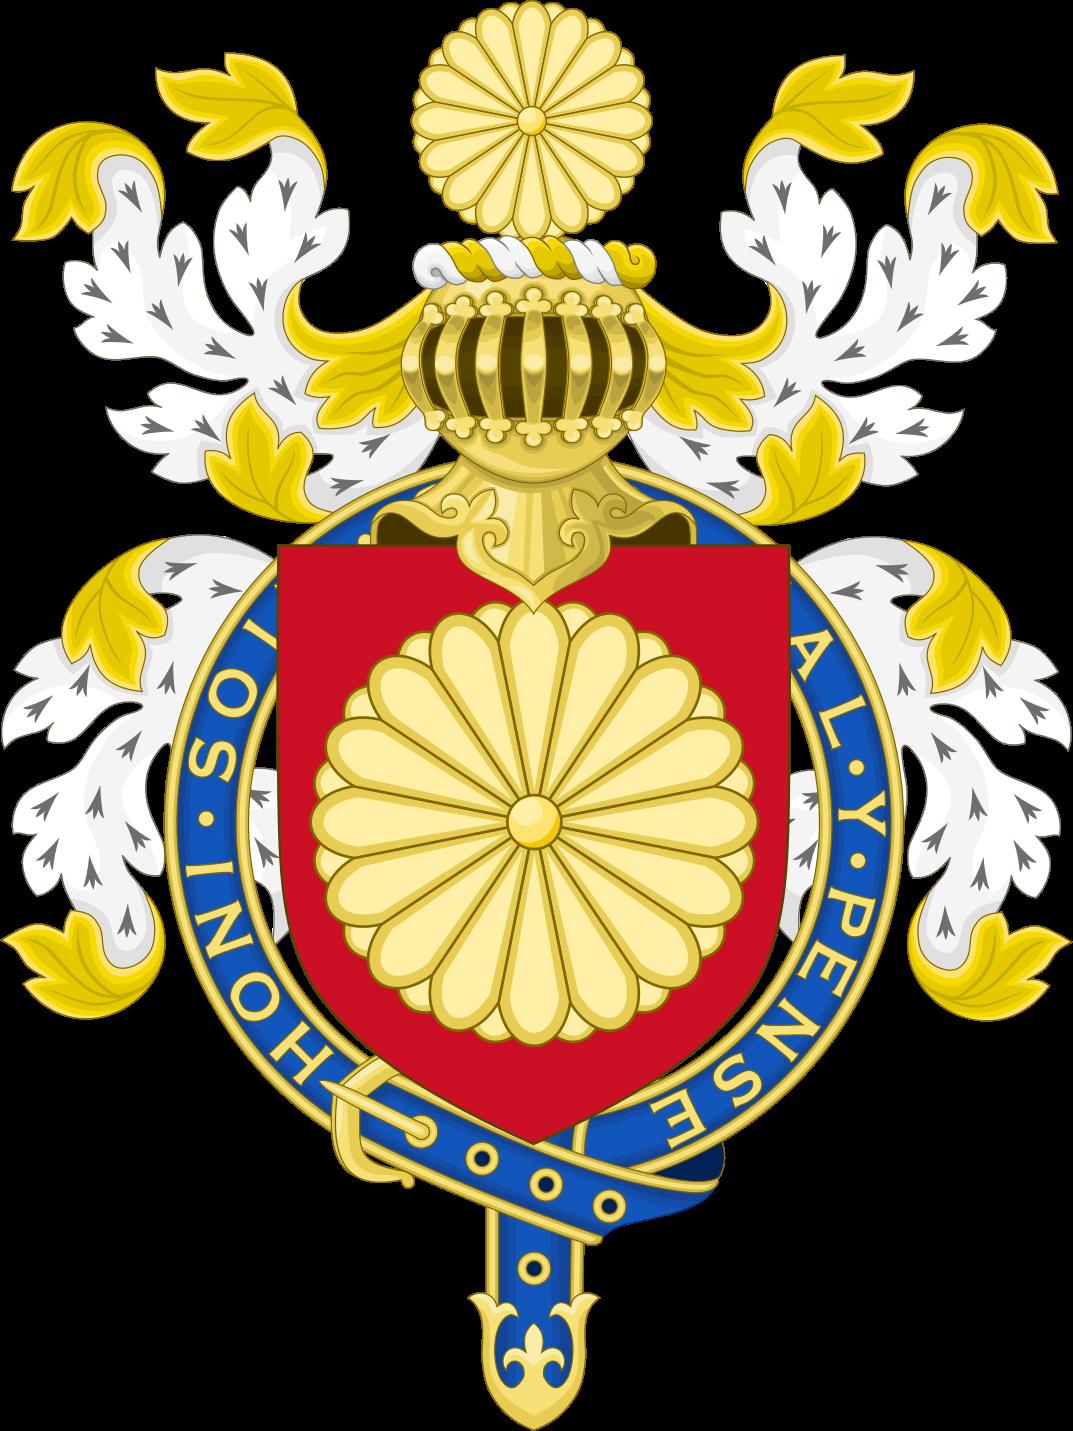 Escudos heraldicos pinterest. Japanese clipart emperor japan